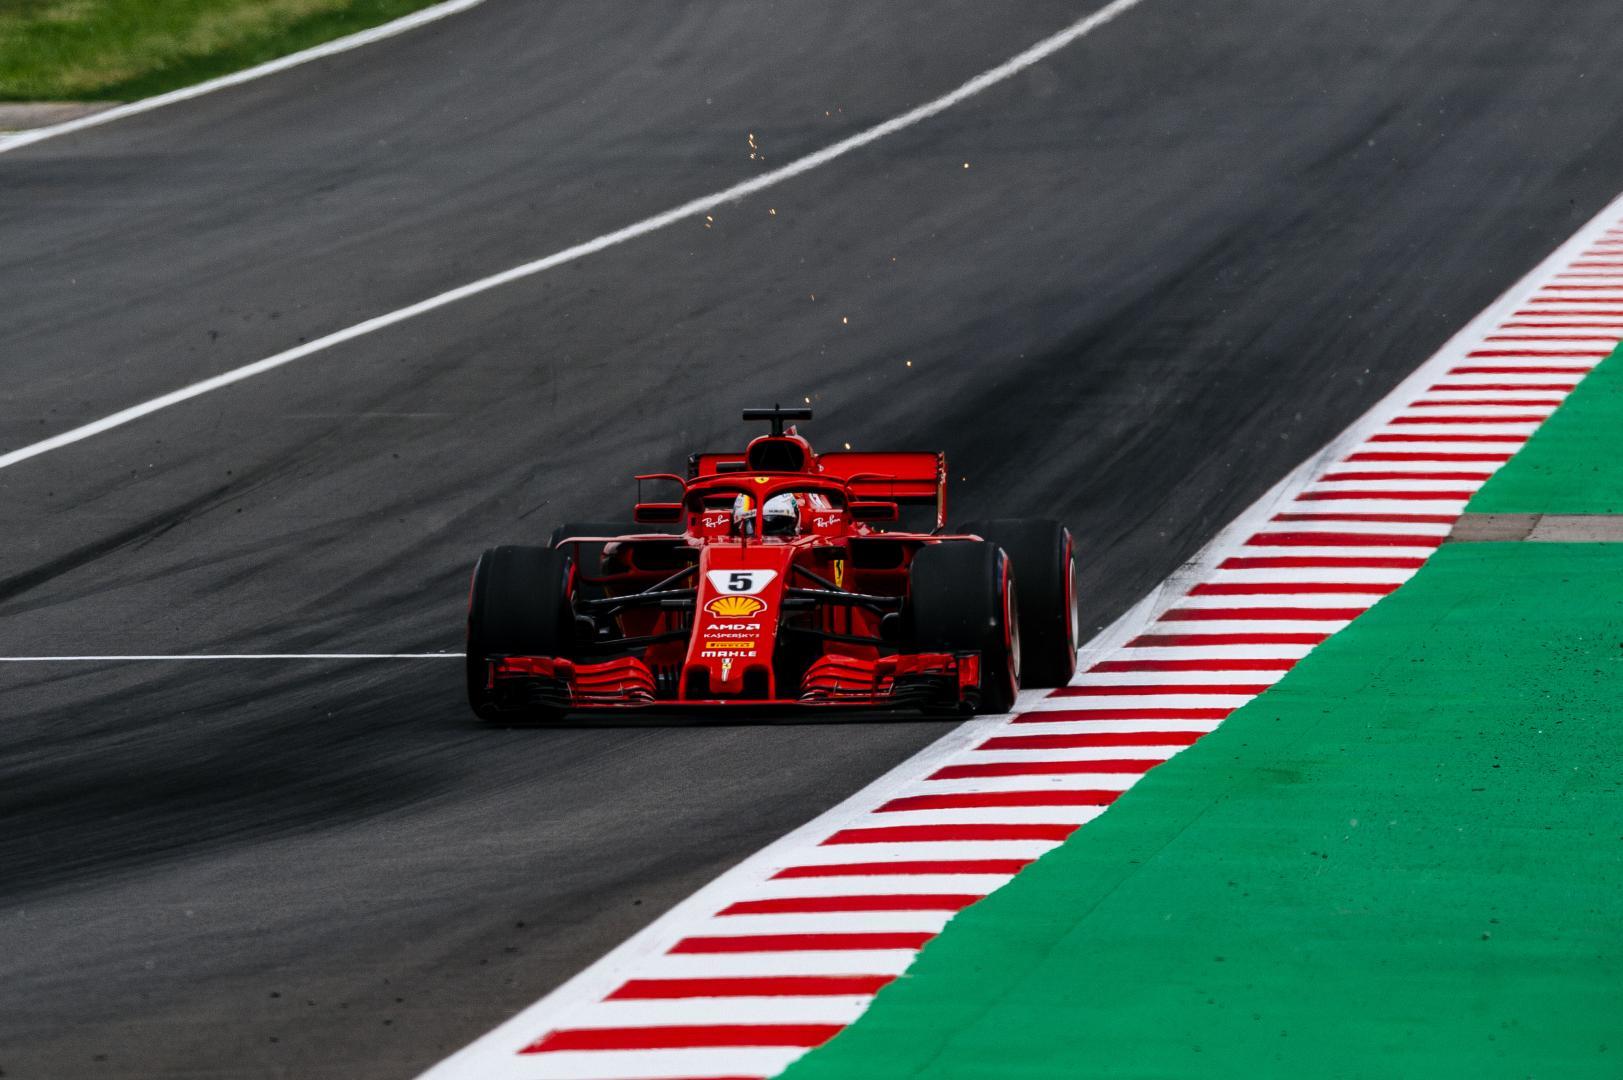 Uitslag van de GP van Spanje 2018